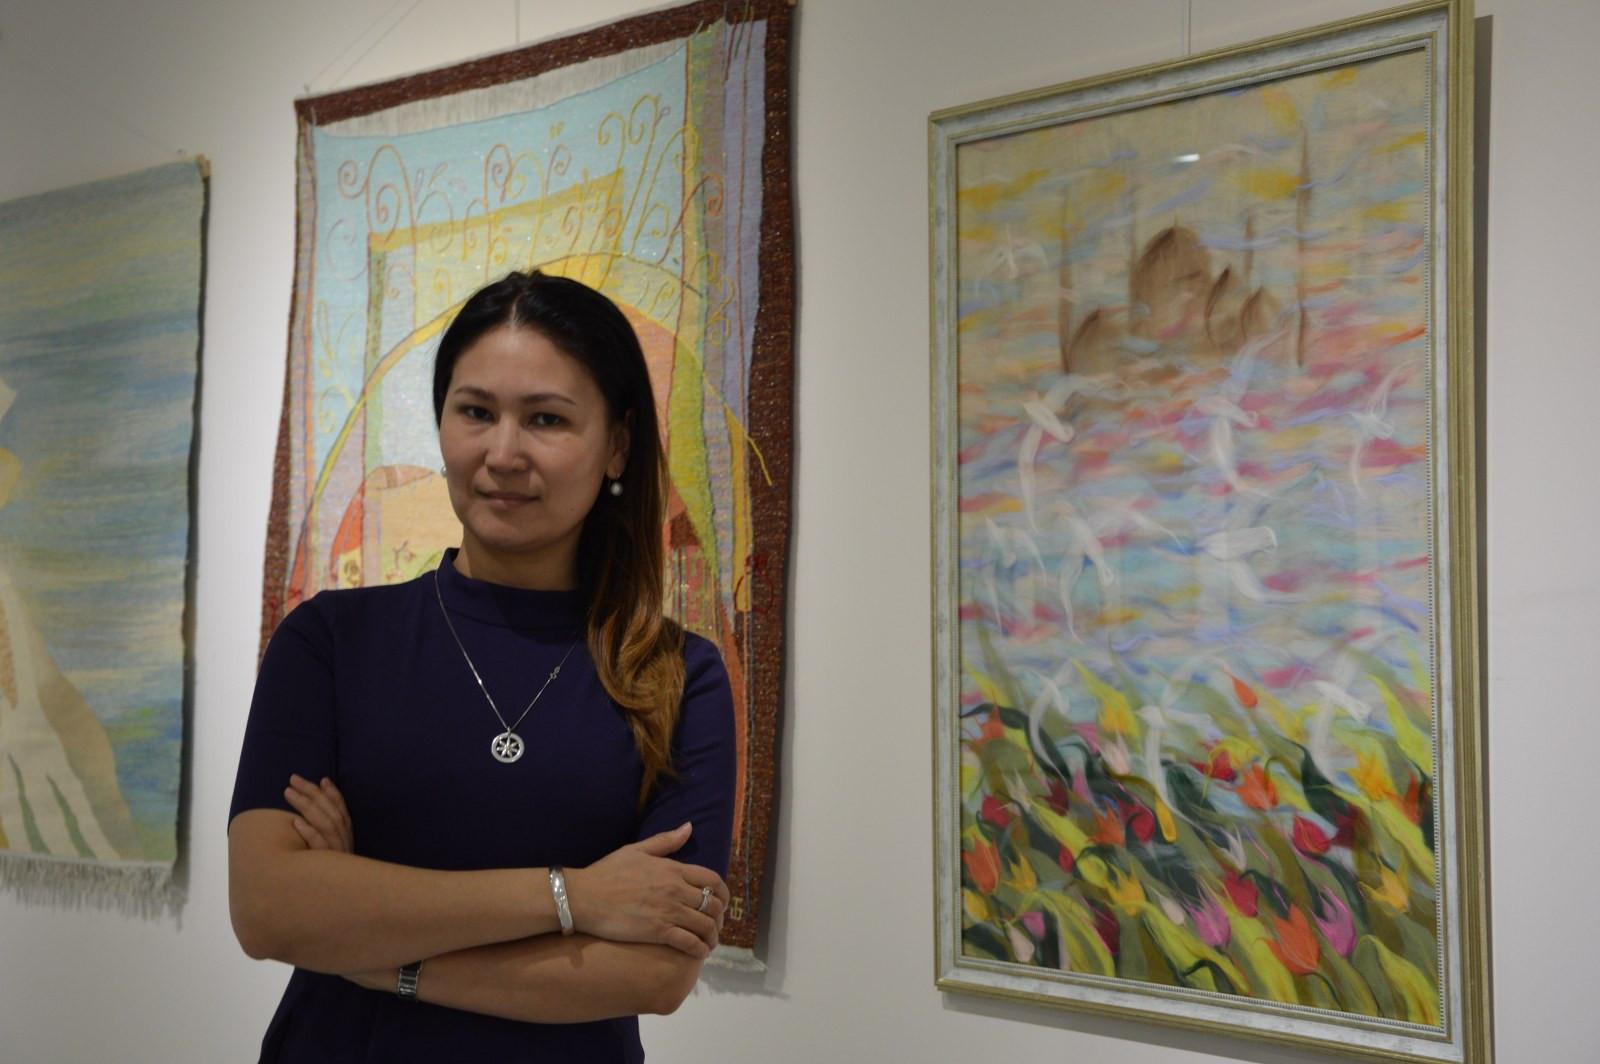 Türk Dünyasından Kadın Sanatçılar İstanbul'da Buluştu Galeri - 26. Resim